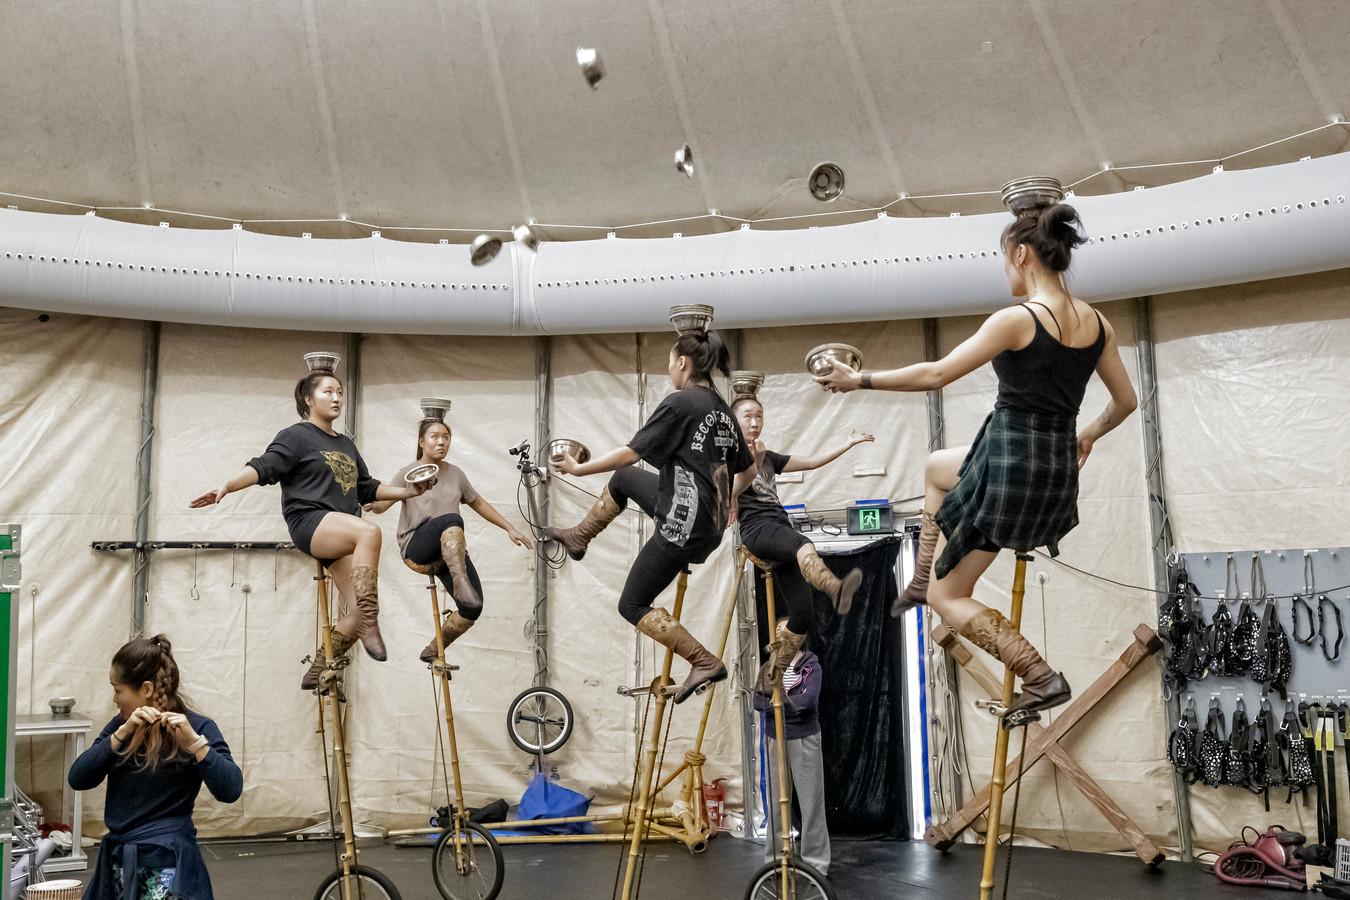 De repetities zijn in volle gang, spektakel verzekerd. Cirque du Soleil is tot en met 1 december te zien op het Malieveld in Den Haag.